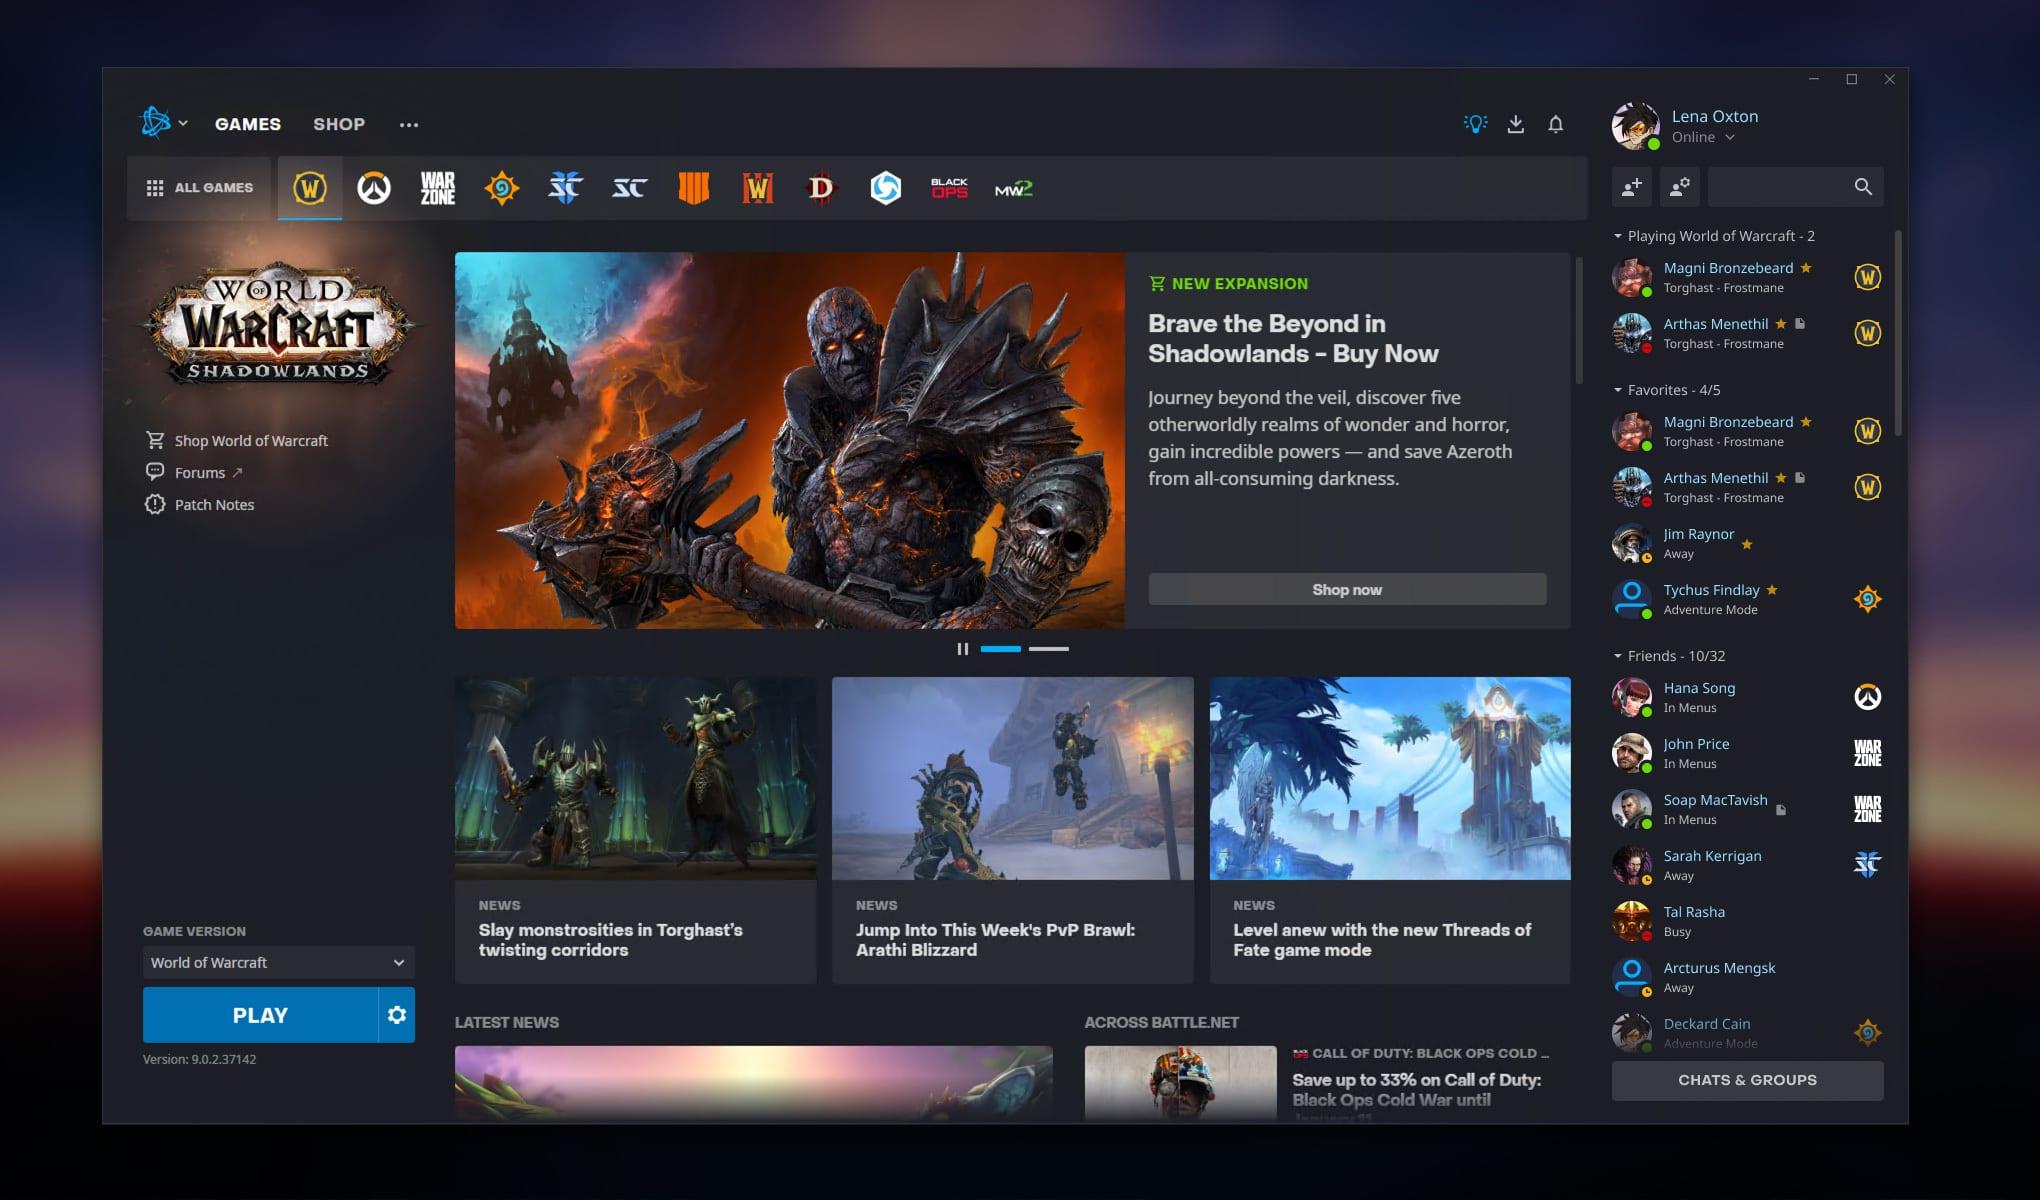 Nouveau lanceur Blizzard pour Battlenet - Apparence